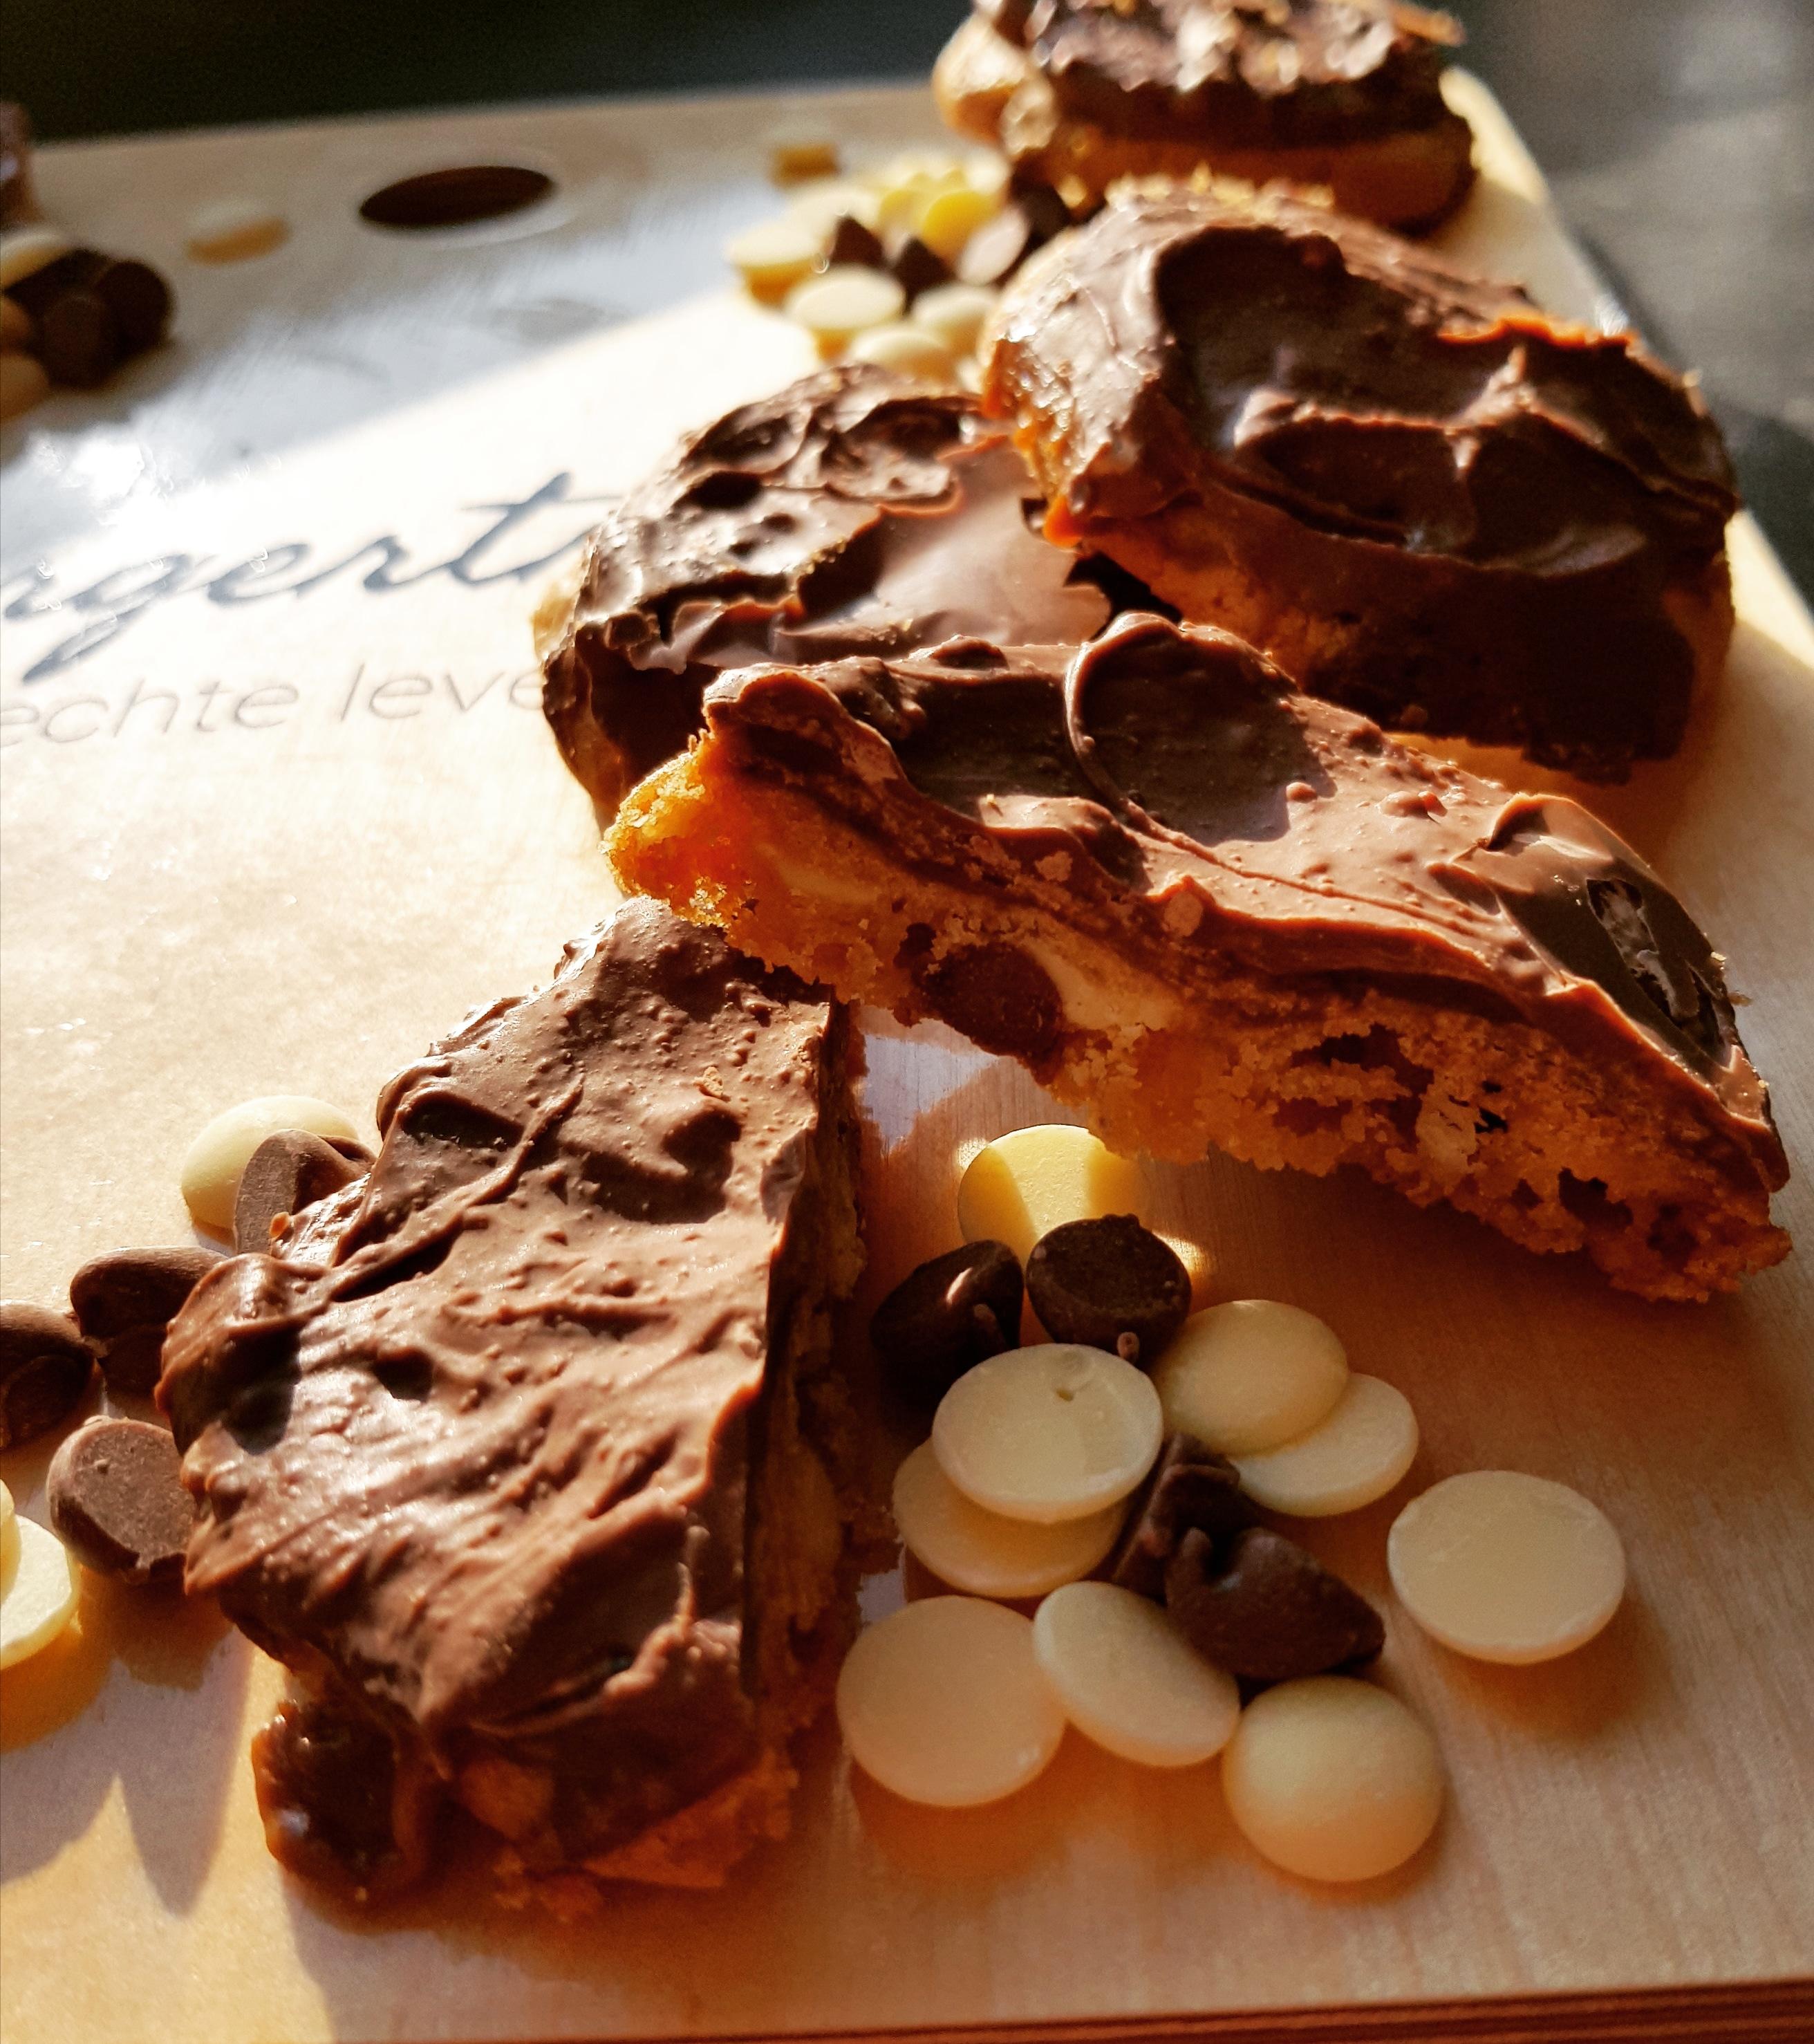 Recept chocoladekoekjes met karamel en hazelnoot, makkelijk recept, koekjes bakken